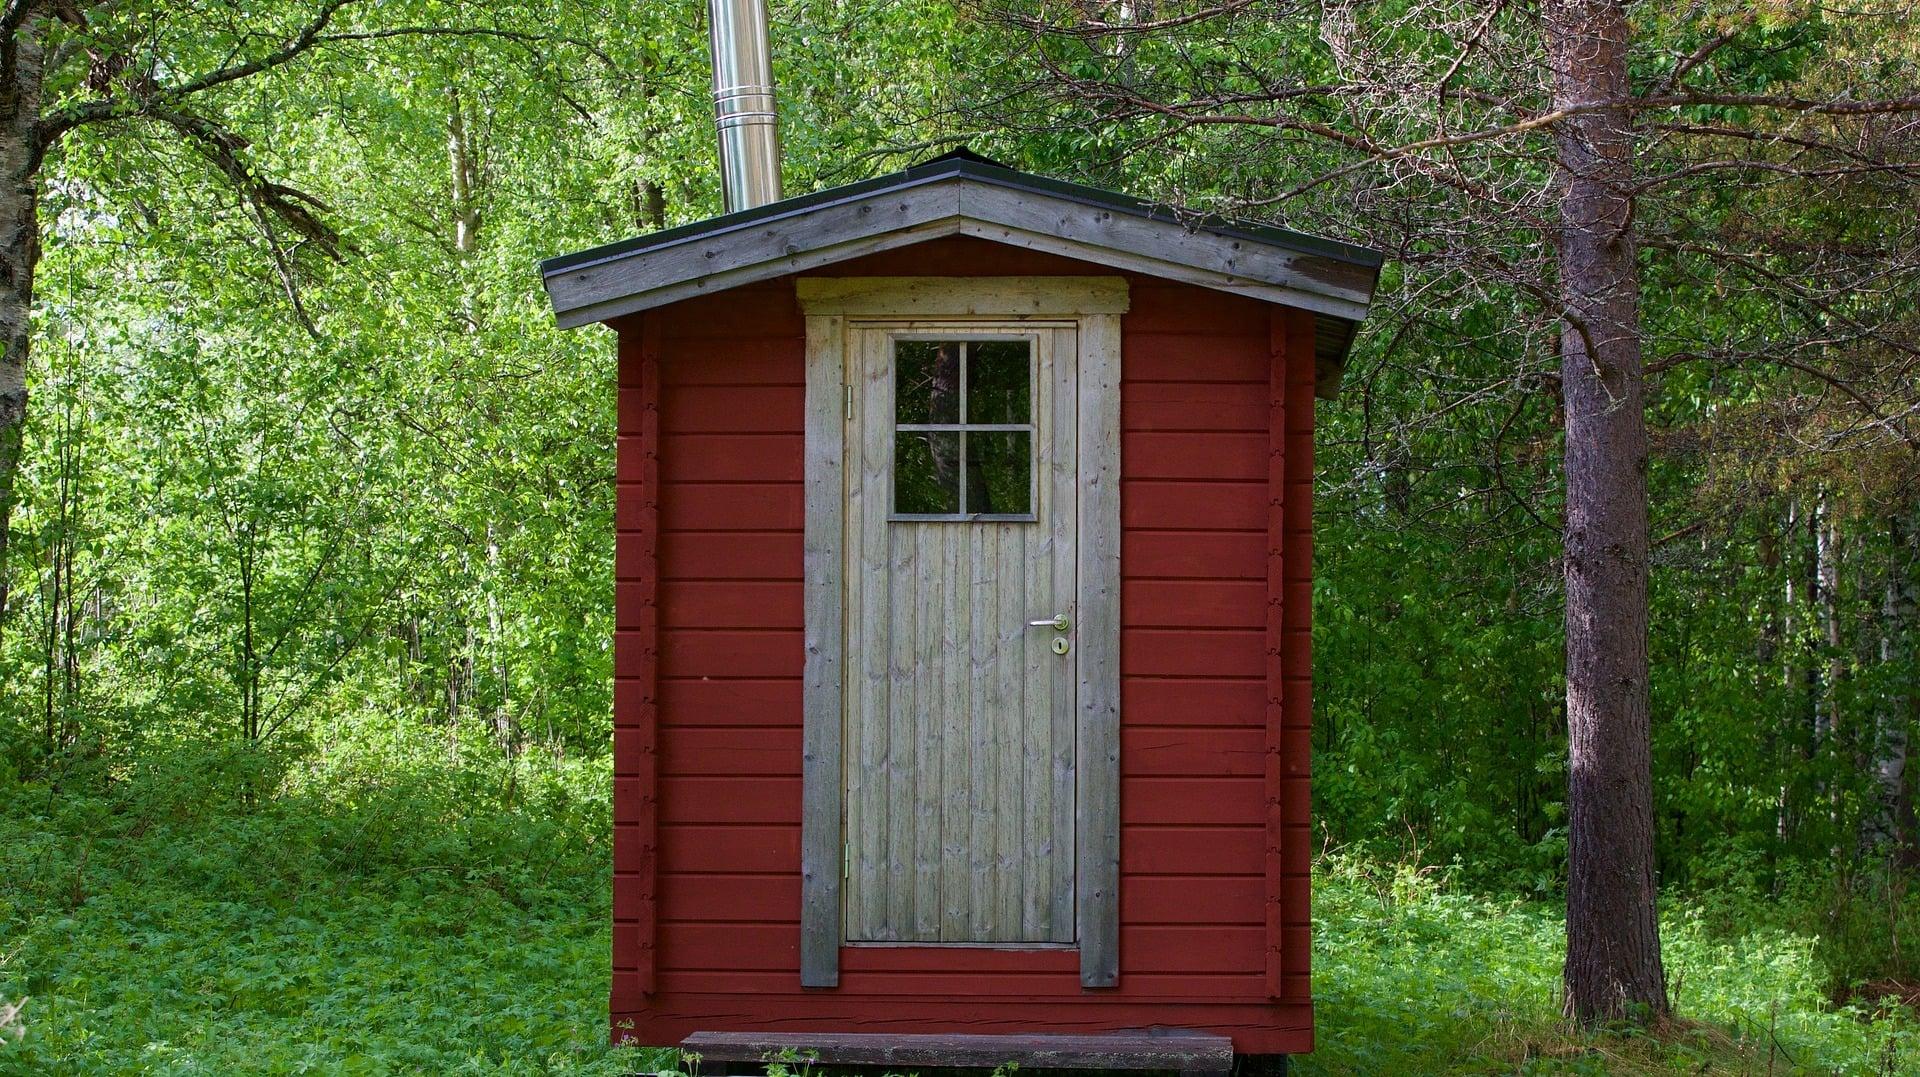 In Schweden wird in der Sauna viel geredet. Man geht nackt und nimmt höchstens ein Handtuch mit. Männer und Frauen saunieren getrennt.